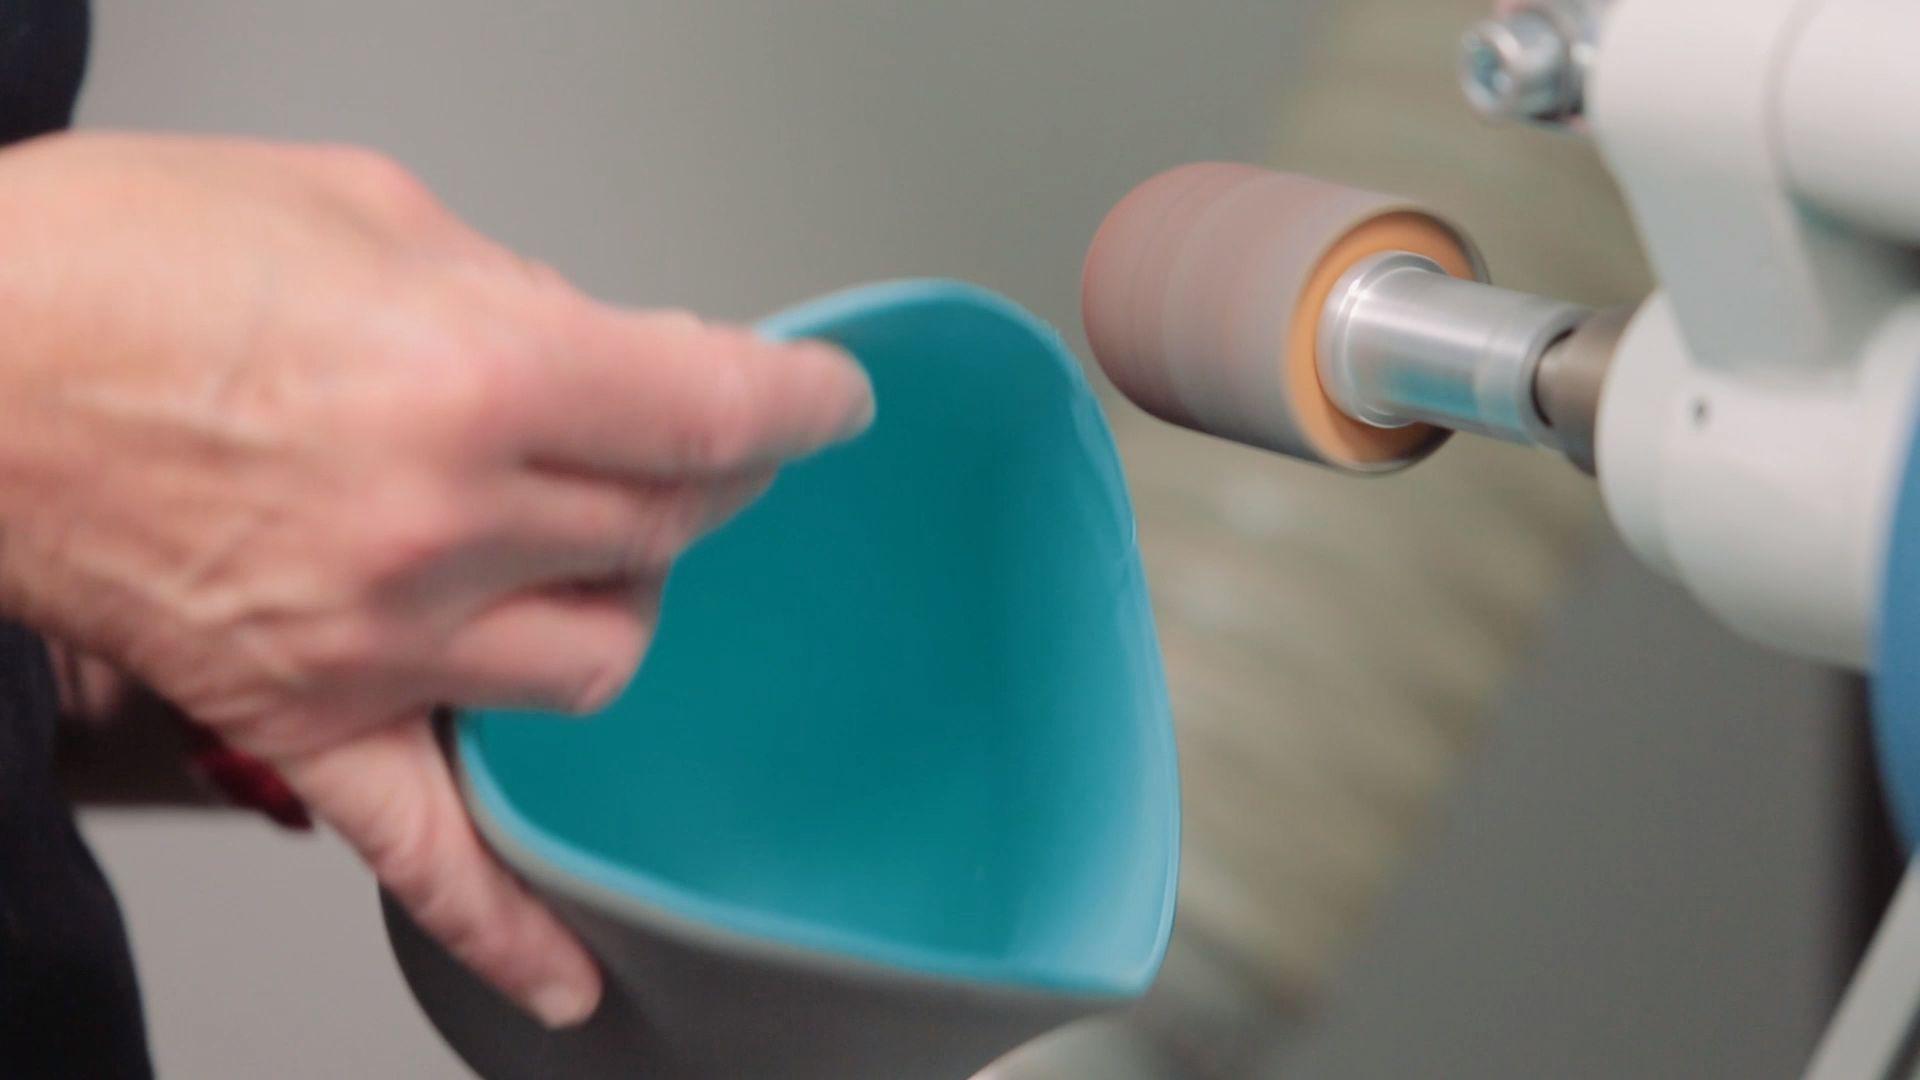 Anwendungsvideos - hier die Herstellung eines nahtlosen Softsocket aus EVA SPEZIAL SANDWICH® OT TWO